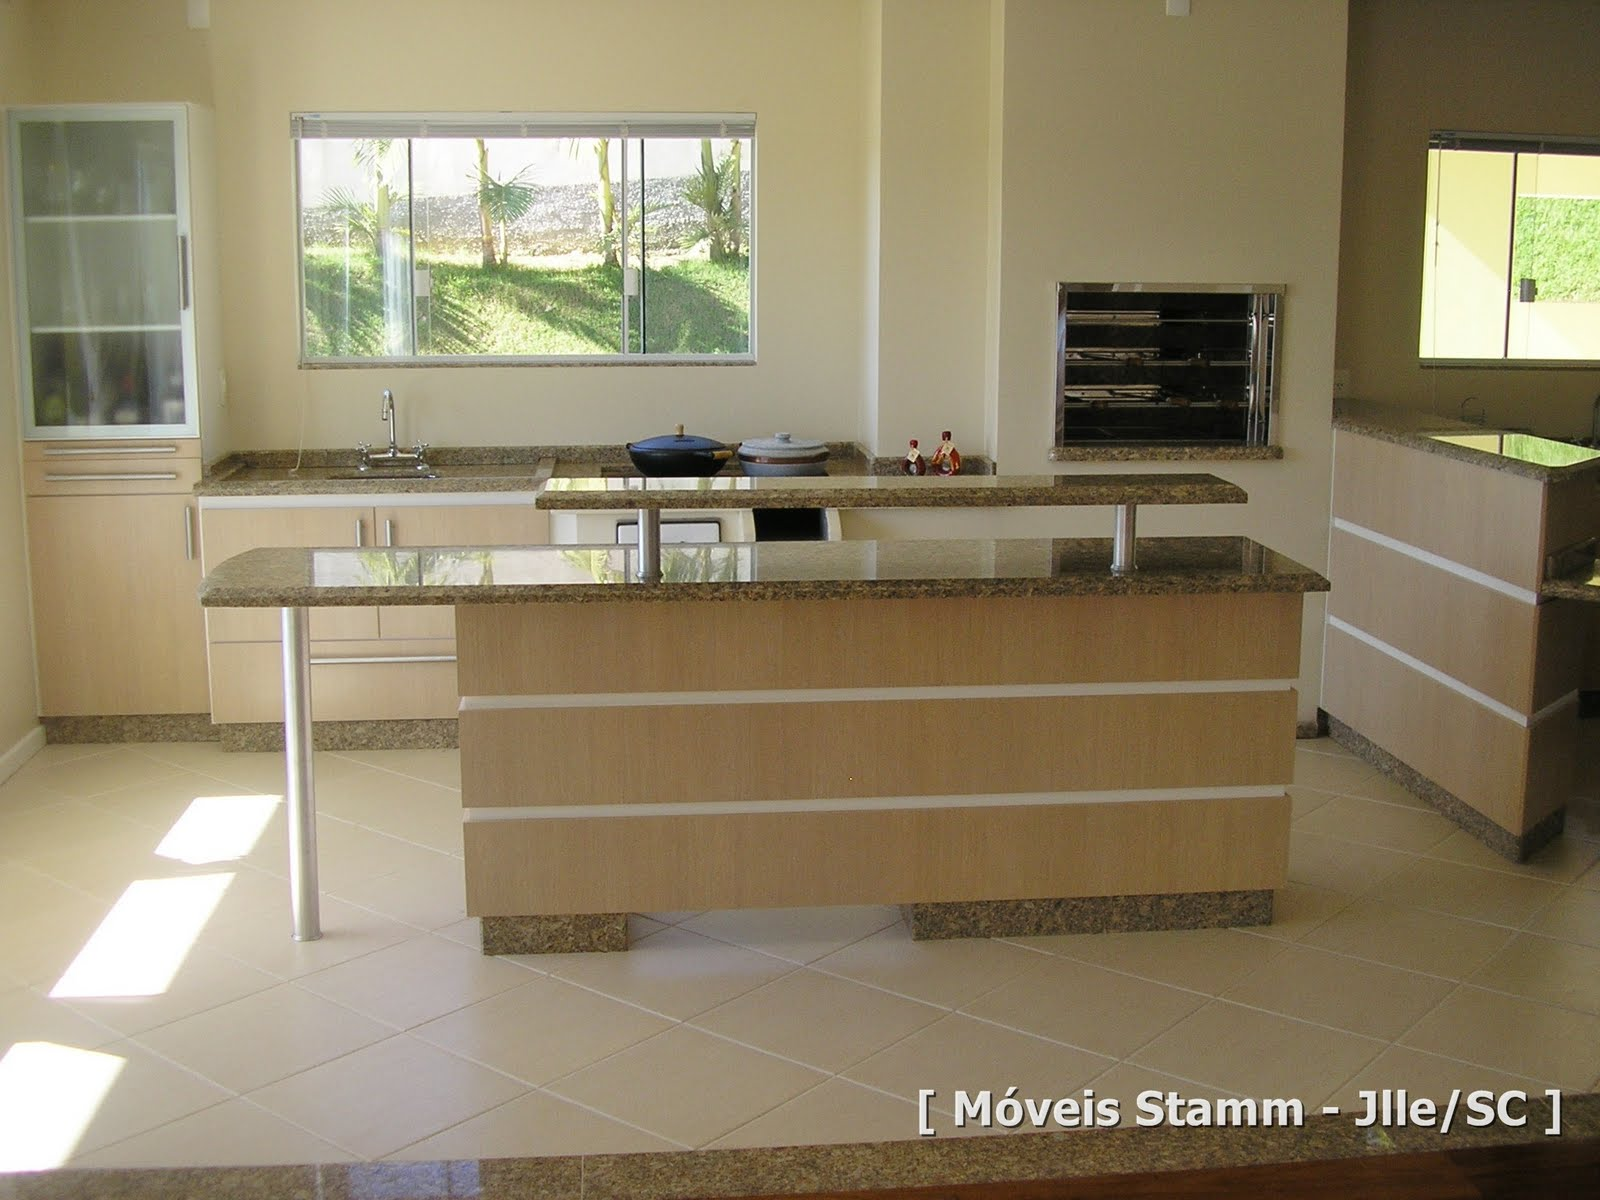 projeto e execução de cozinha com churrasqueira em branco e carvalho  #5F4D30 1600 1200